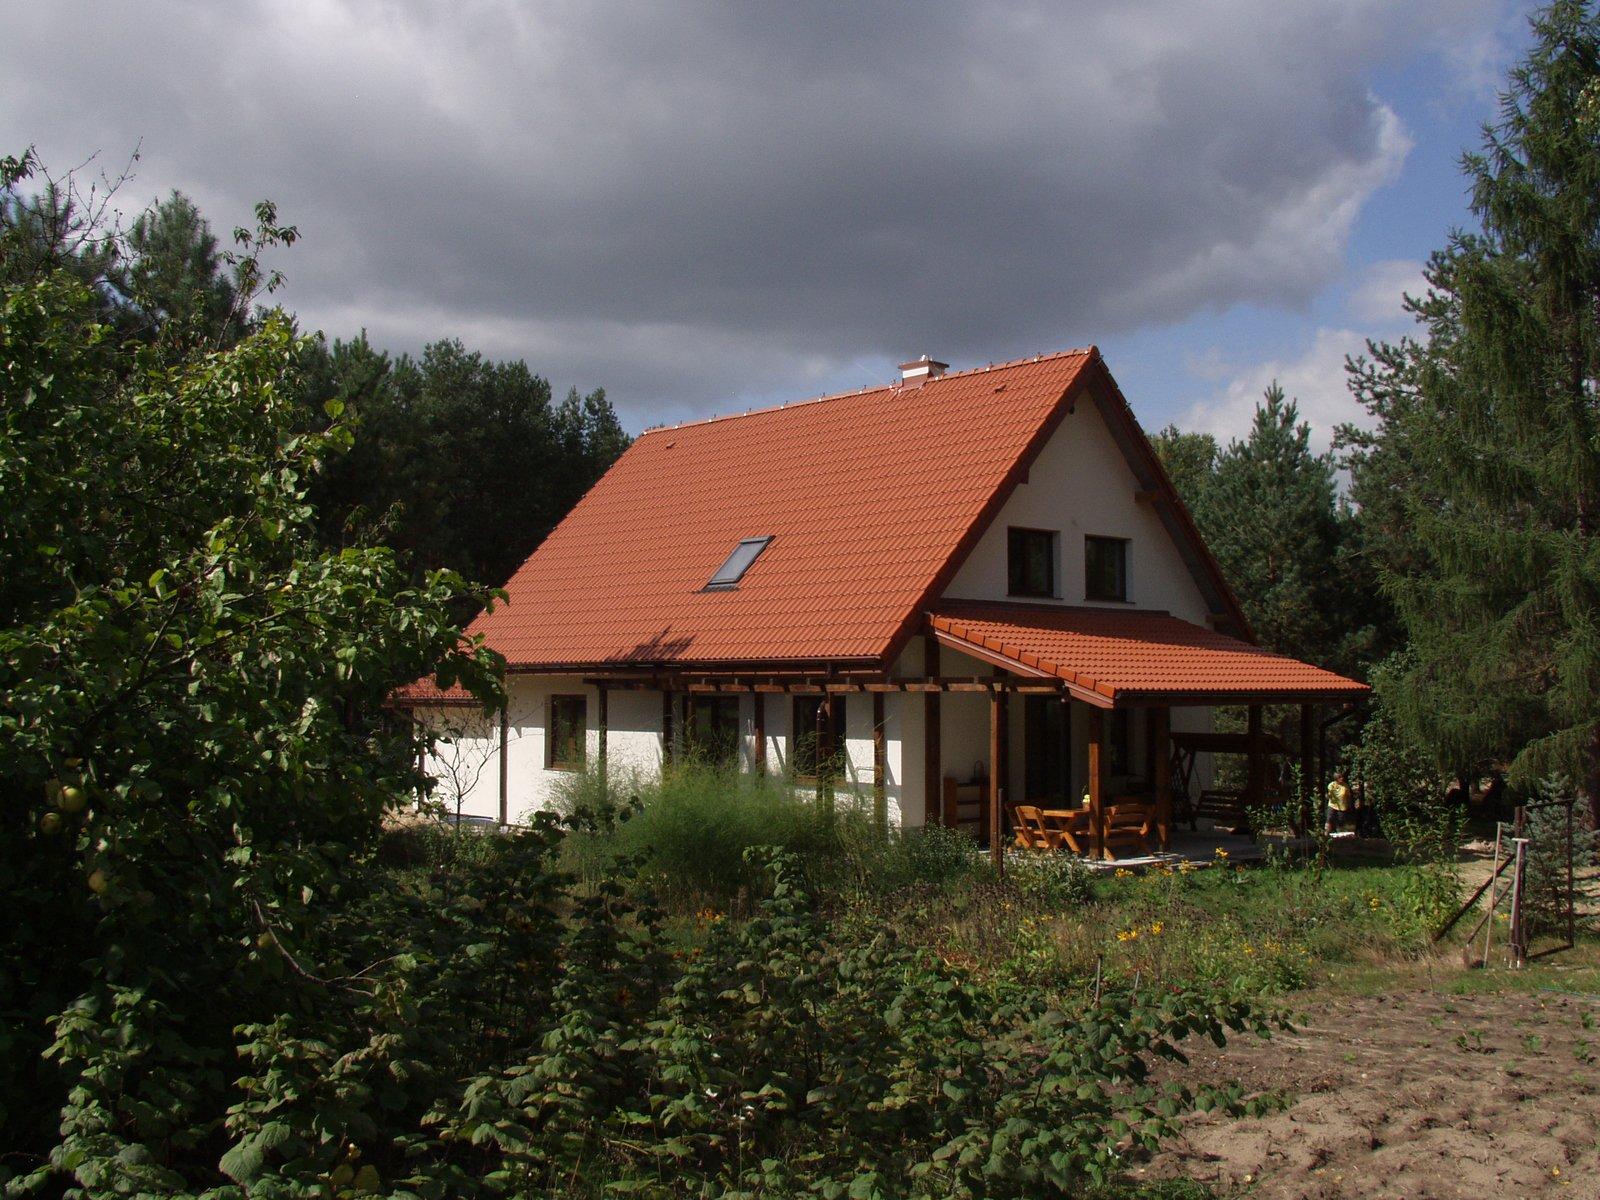 slawomir-fiedukowicz-1384893963_1166.jpg